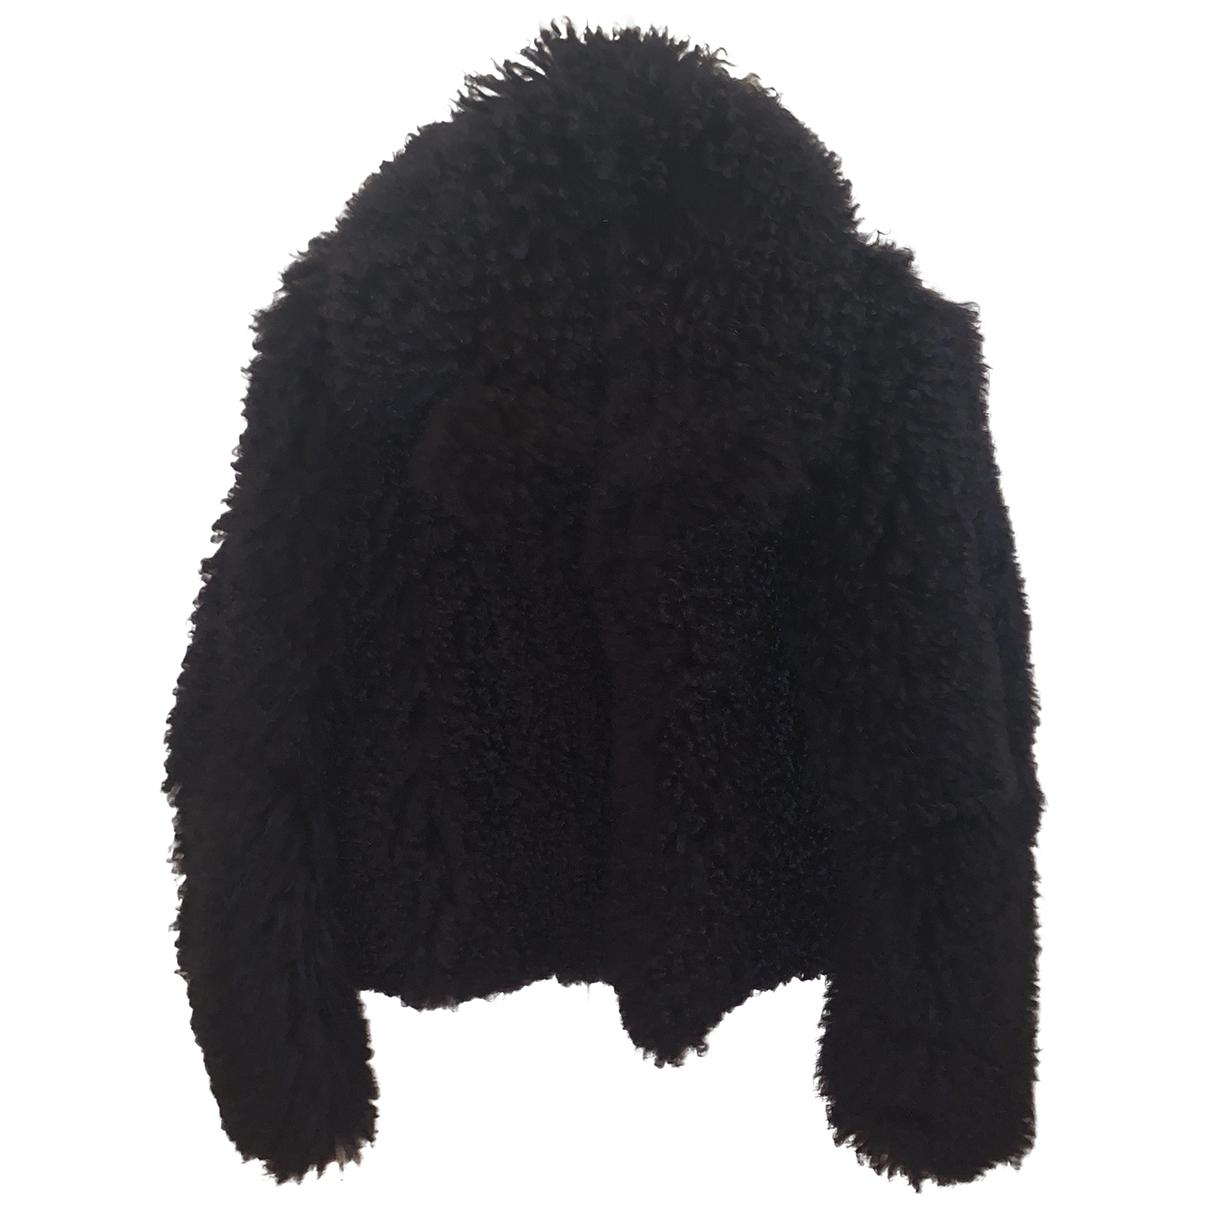 Hugo Boss - Manteau   pour femme en agneau de mongolie - marine